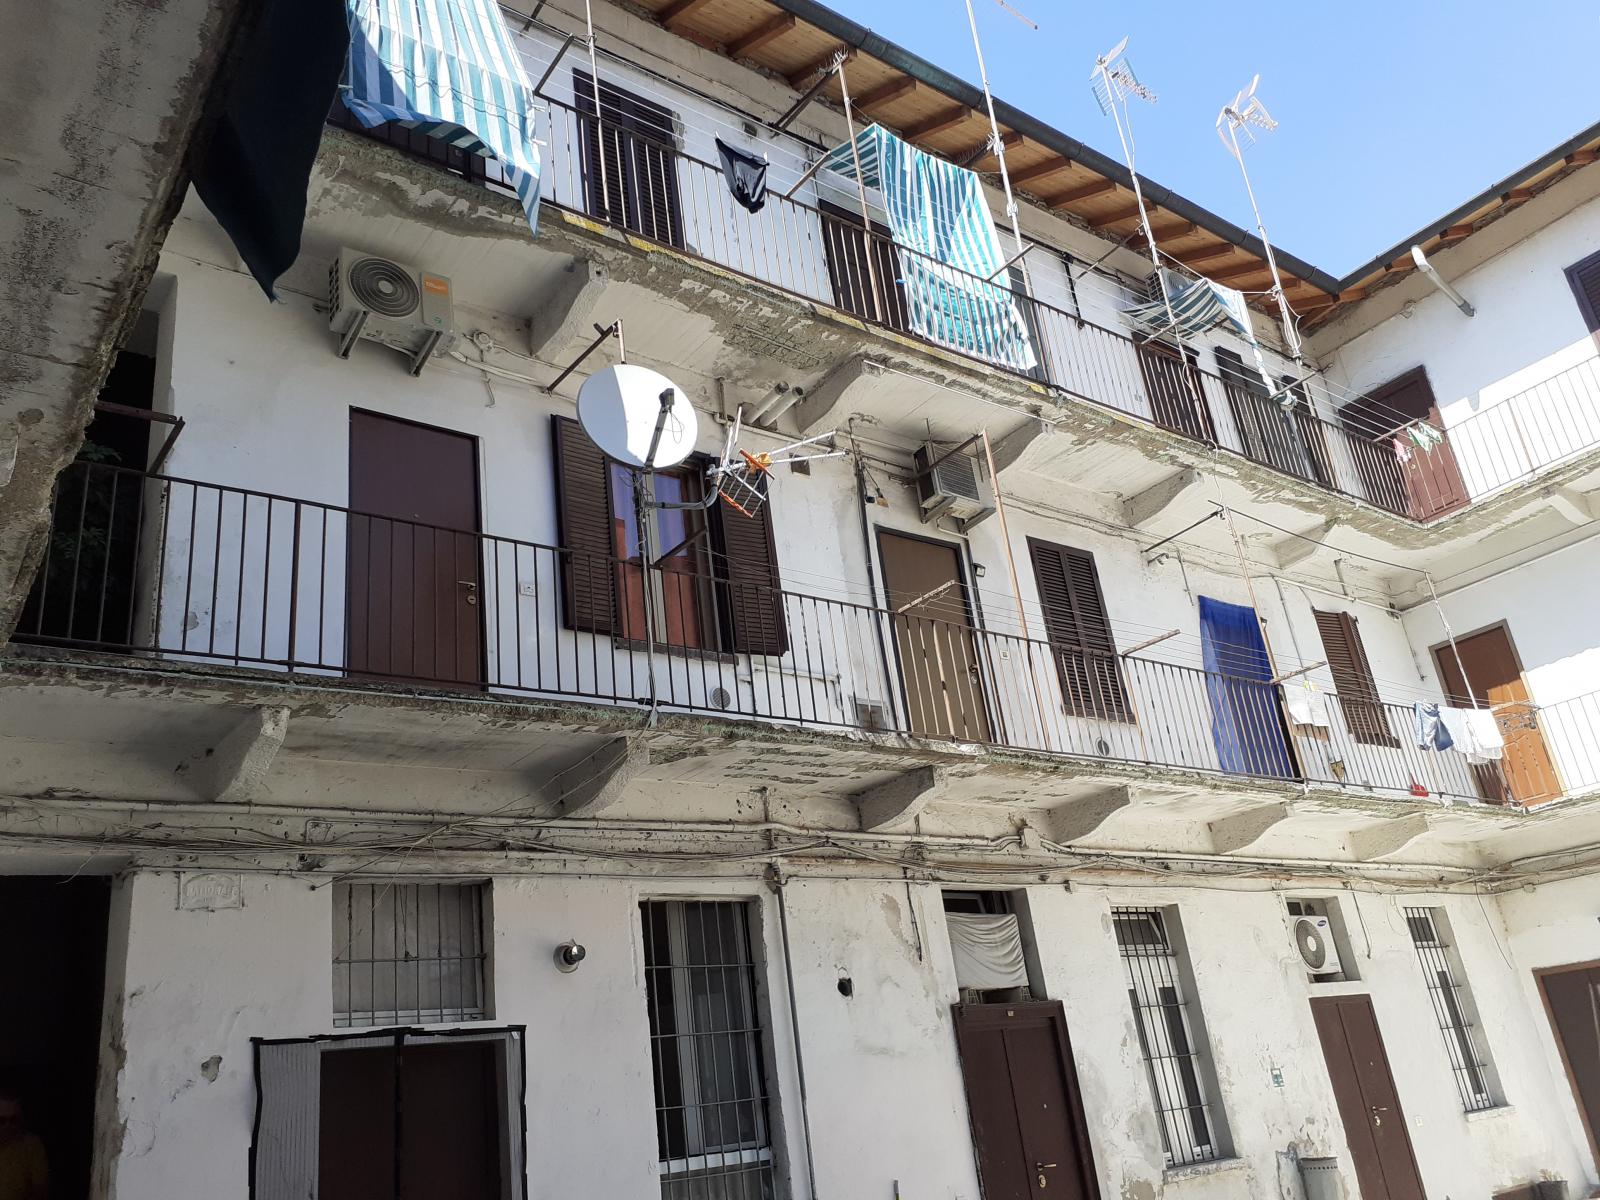 appartamento-in-vendita-a-baggio-milano-monolocale-65.000-euro-spaziourbano-immobiliare-vende-1